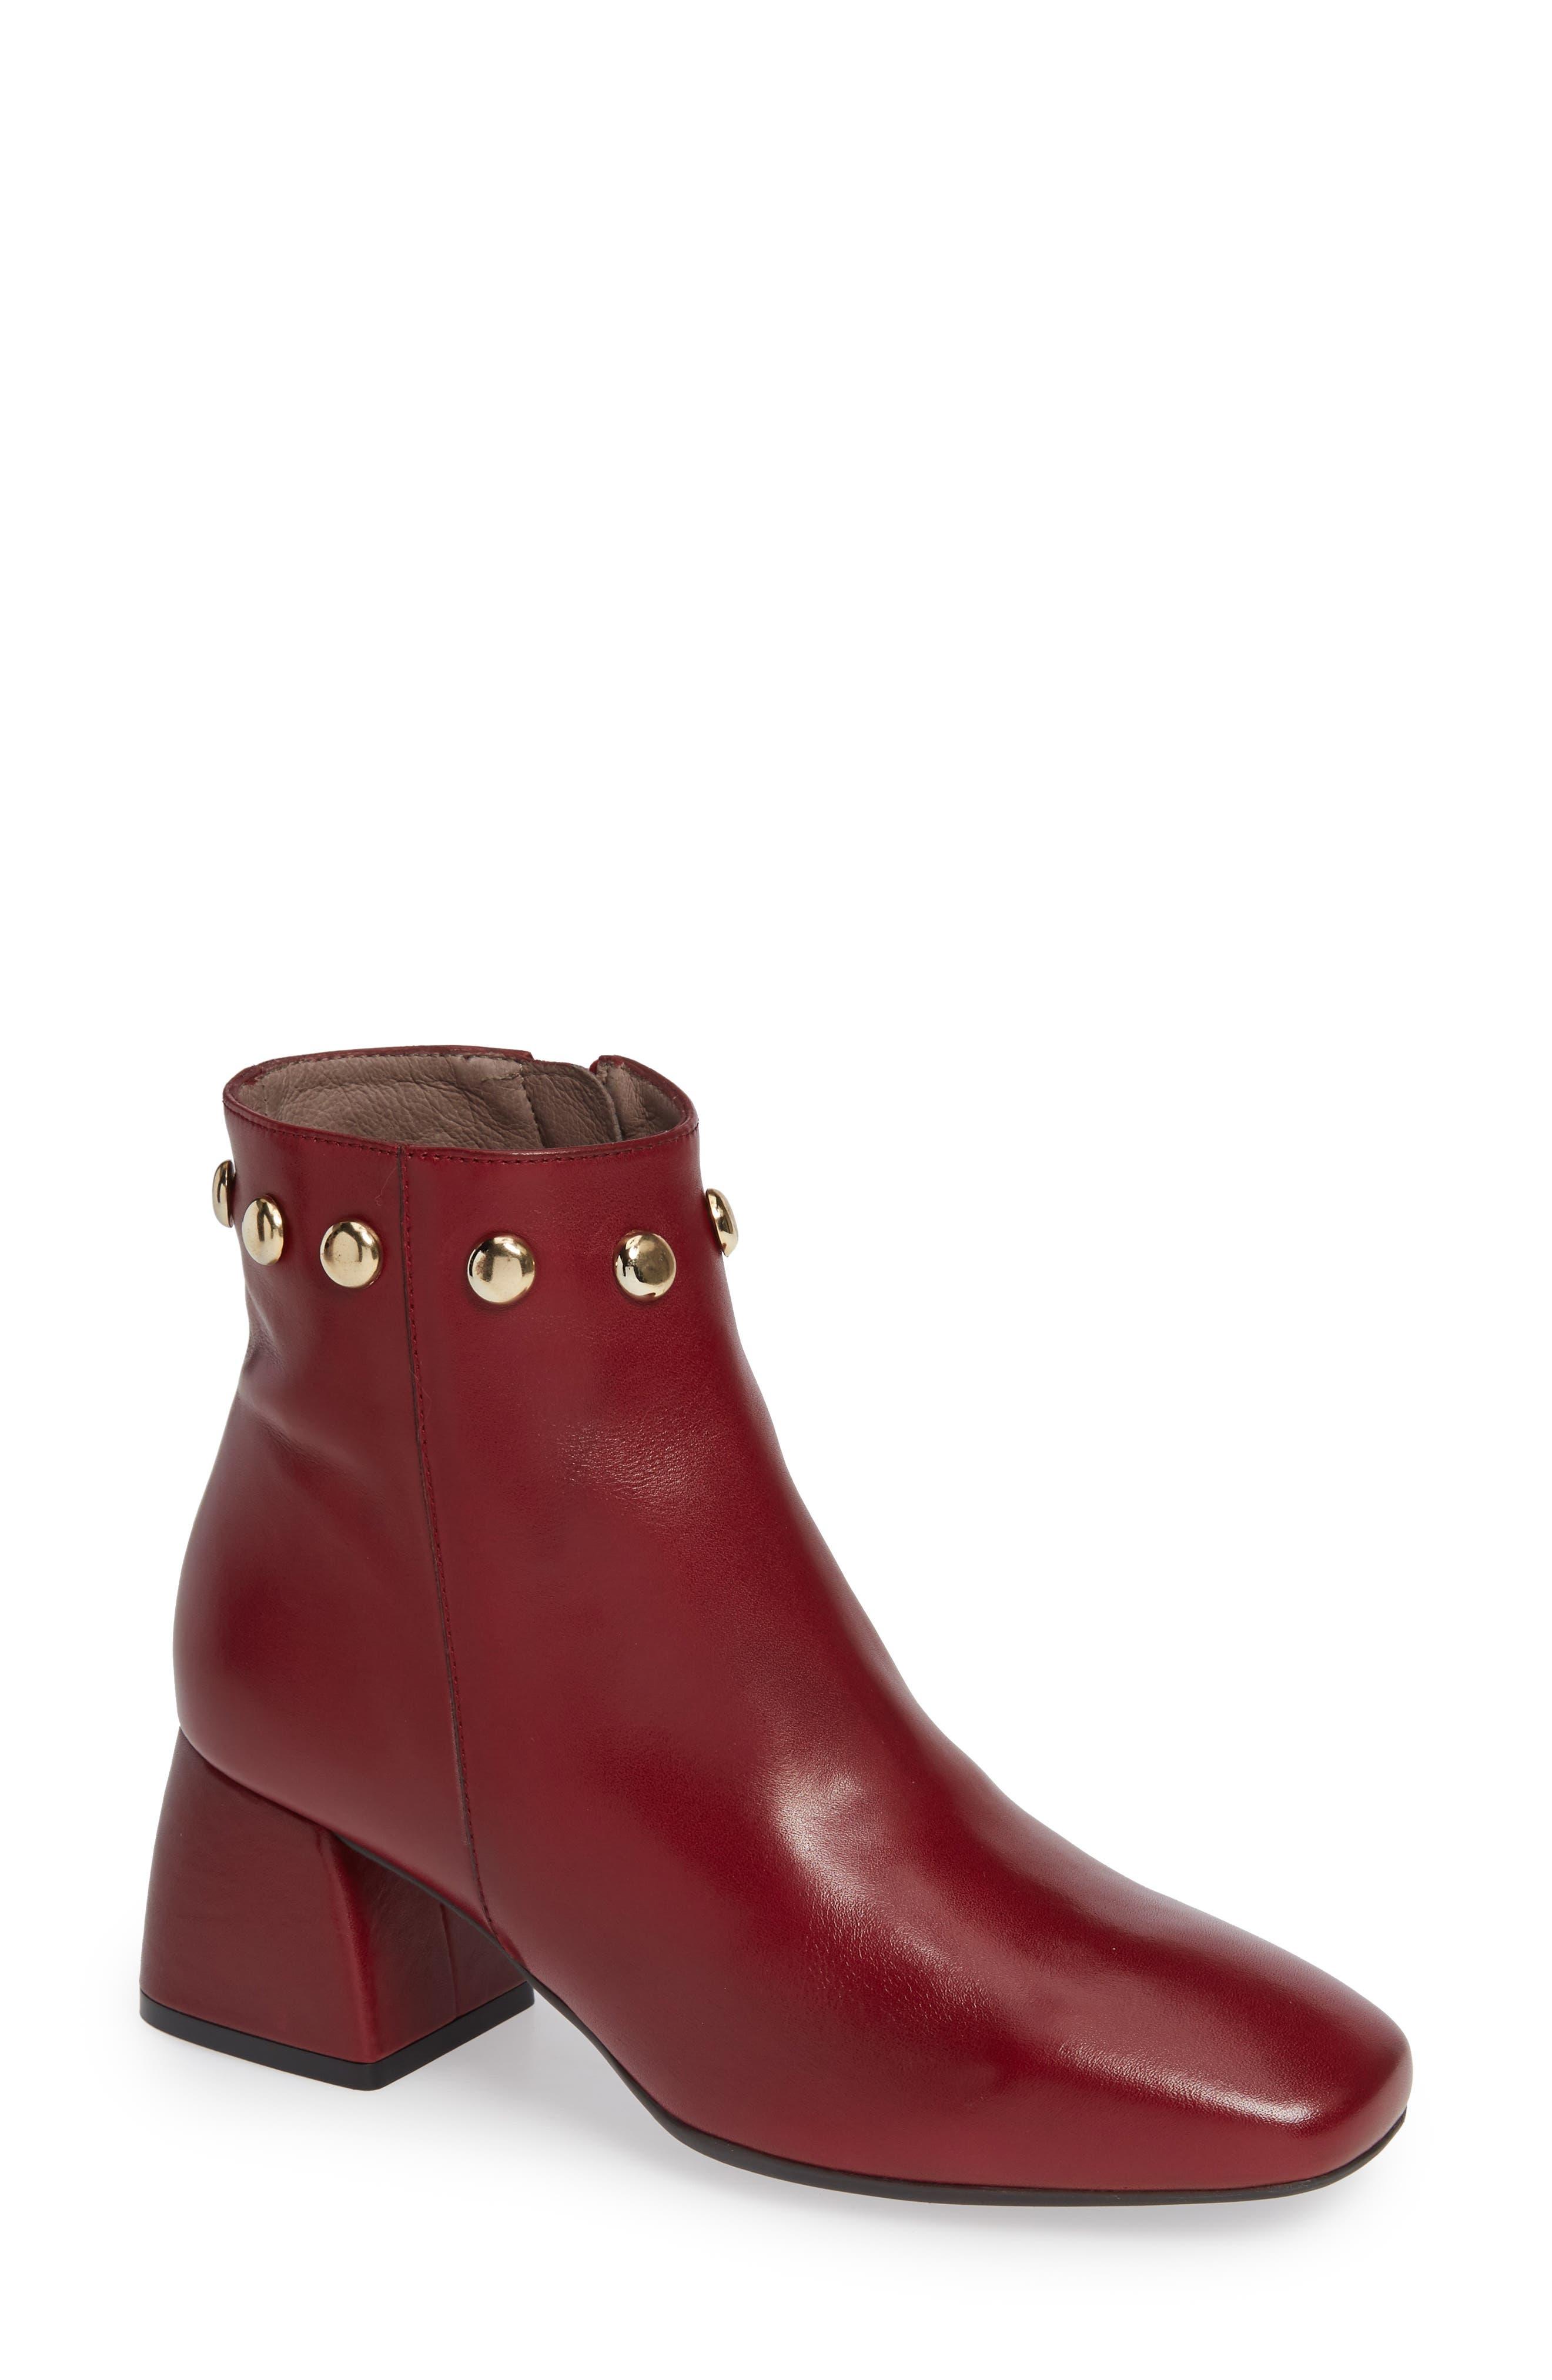 Wonders Block Heel Ankle Bootie - Red